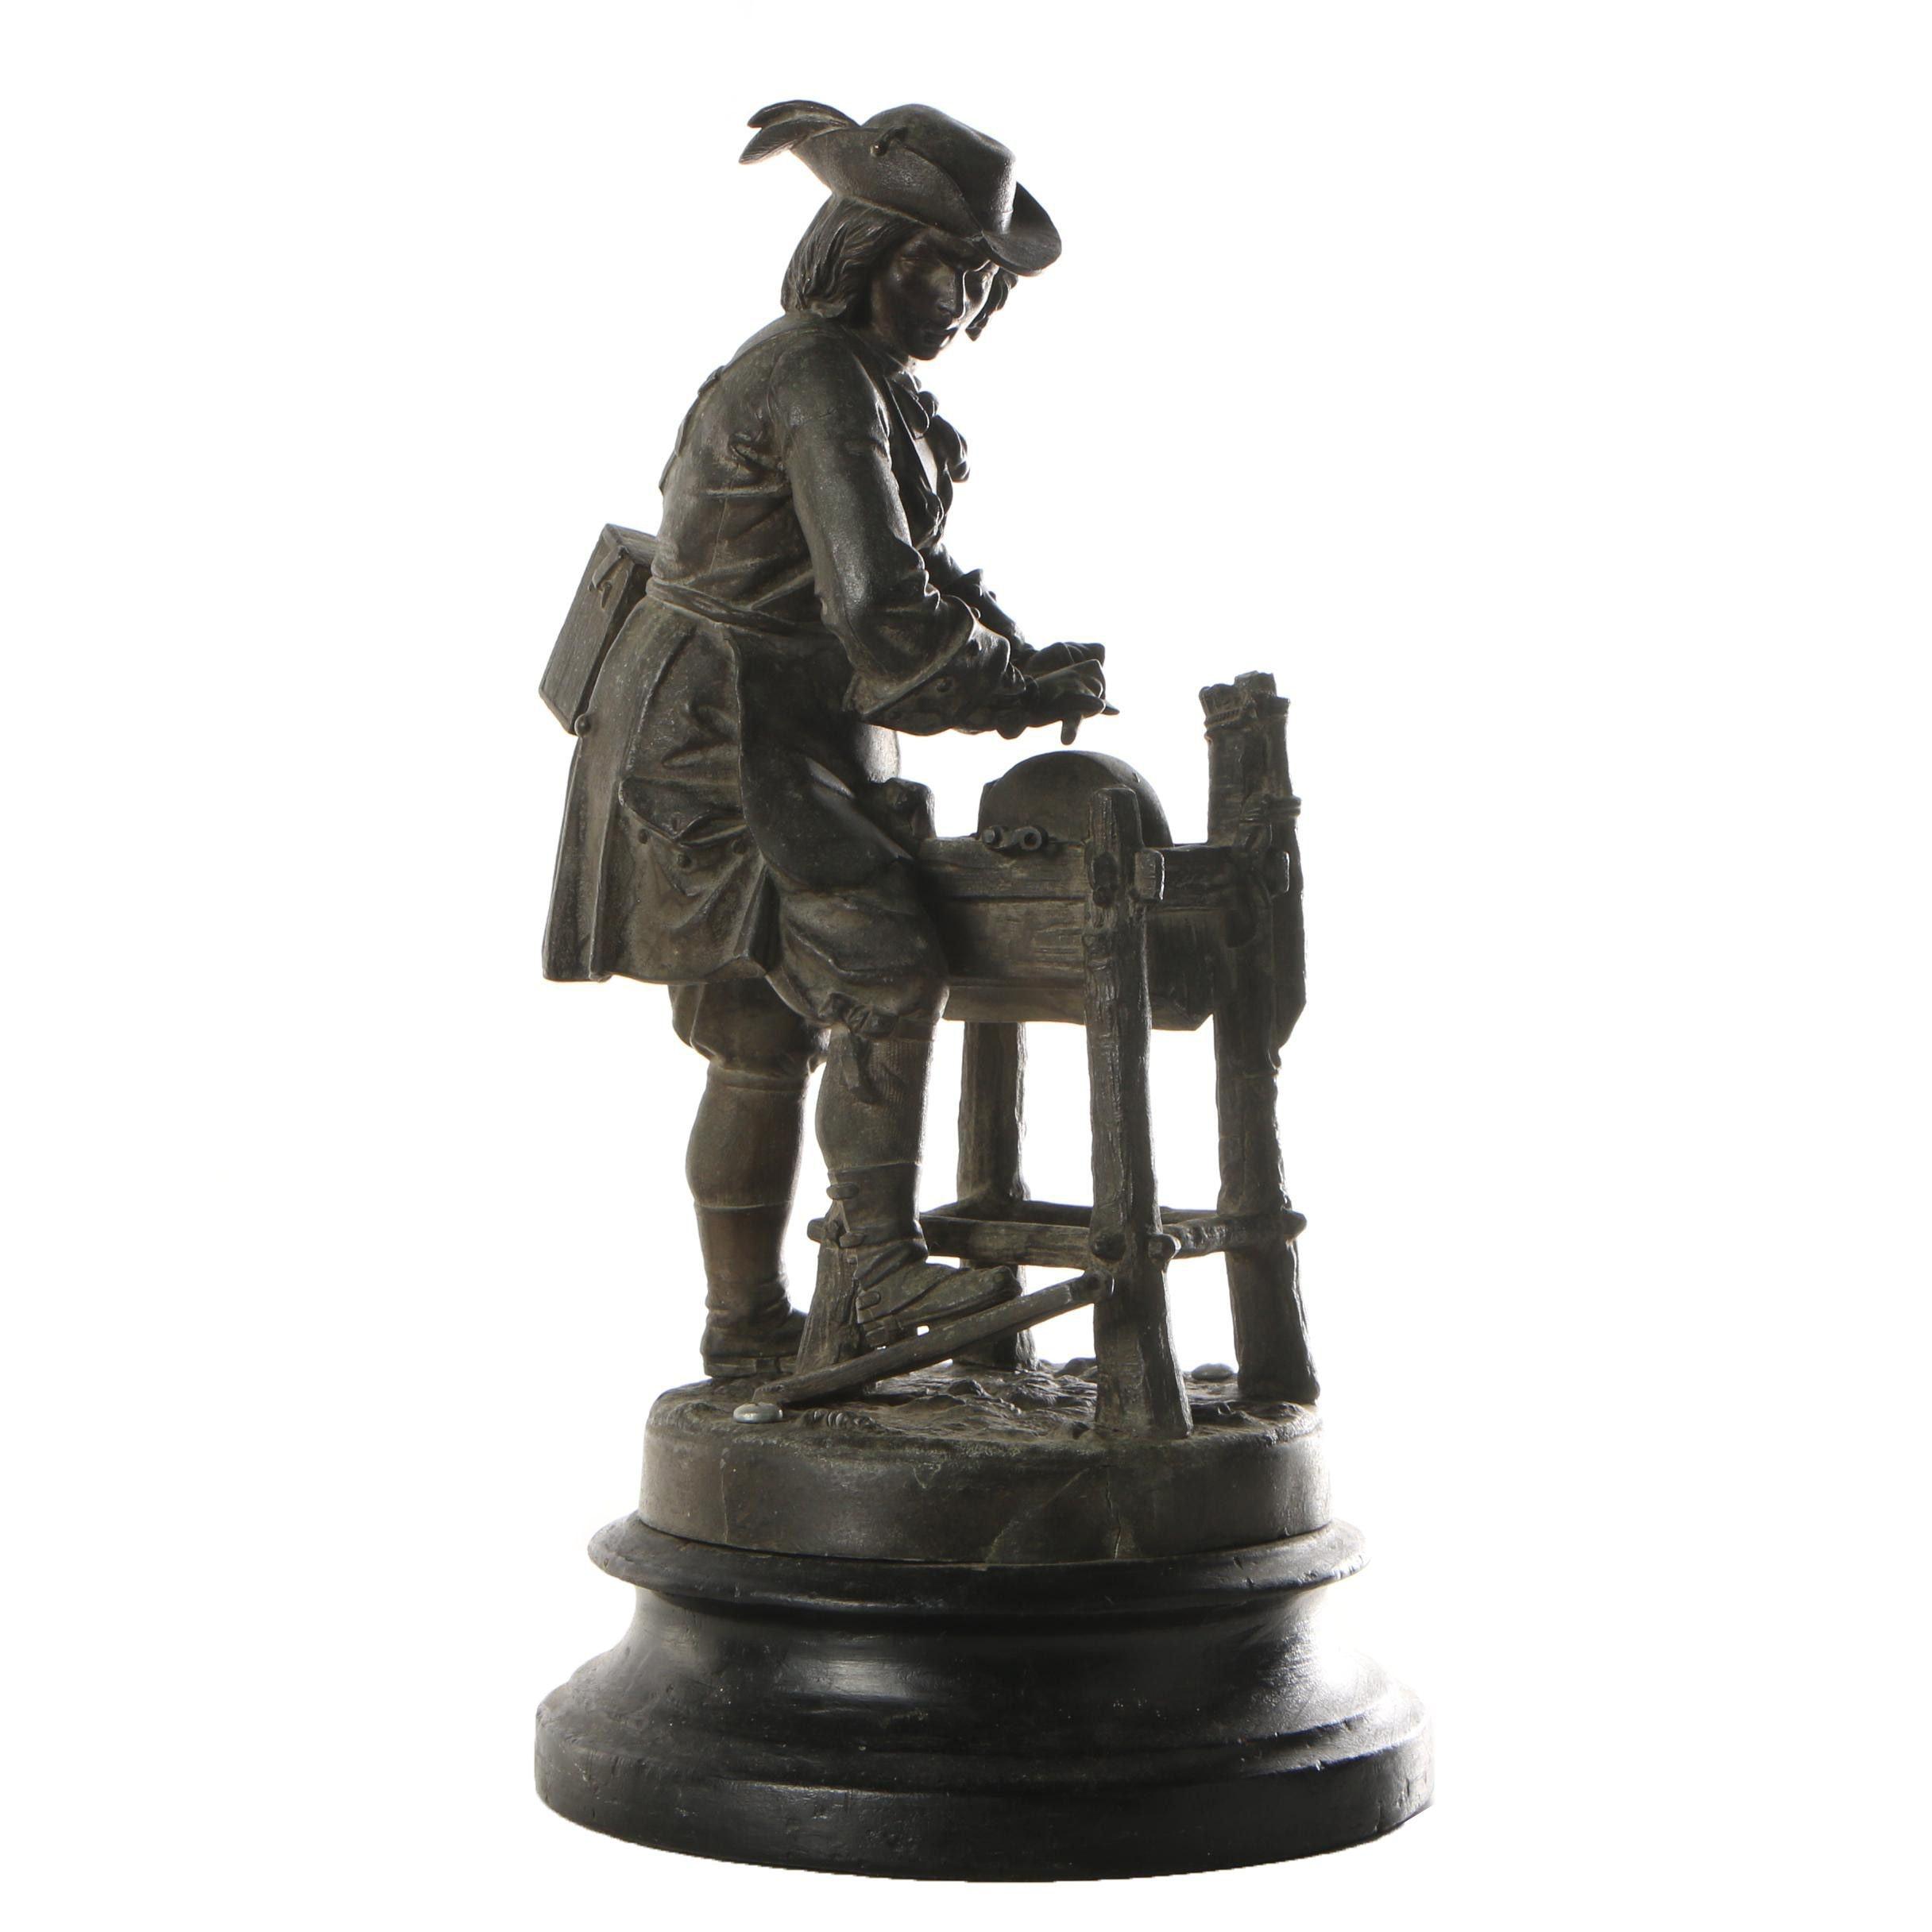 Metal Sculpture of Man Sharpening Blade